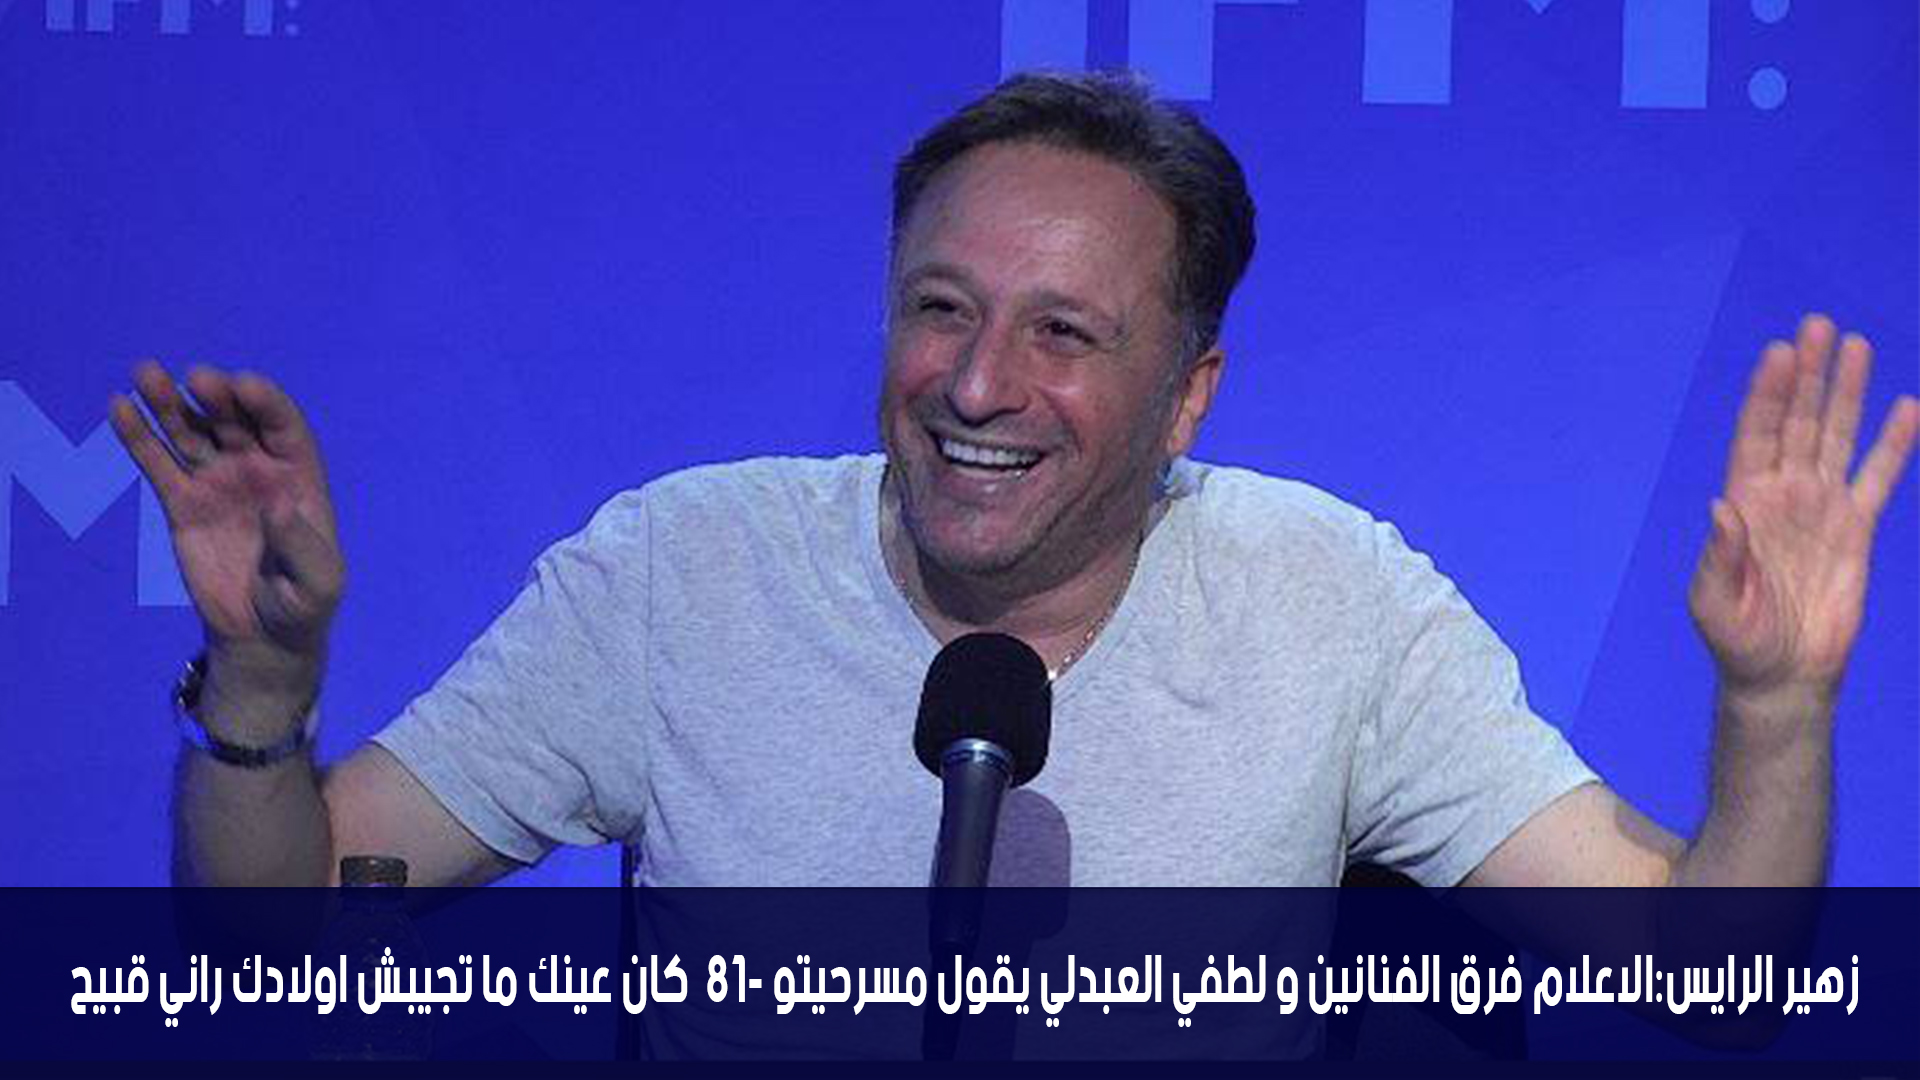 زهير الرايس:الاعلام فرق الفنانين و لطفي العبدلي يقول مسرحيتو -18 كان عينك ما تجيبش اولادك راني قبيح